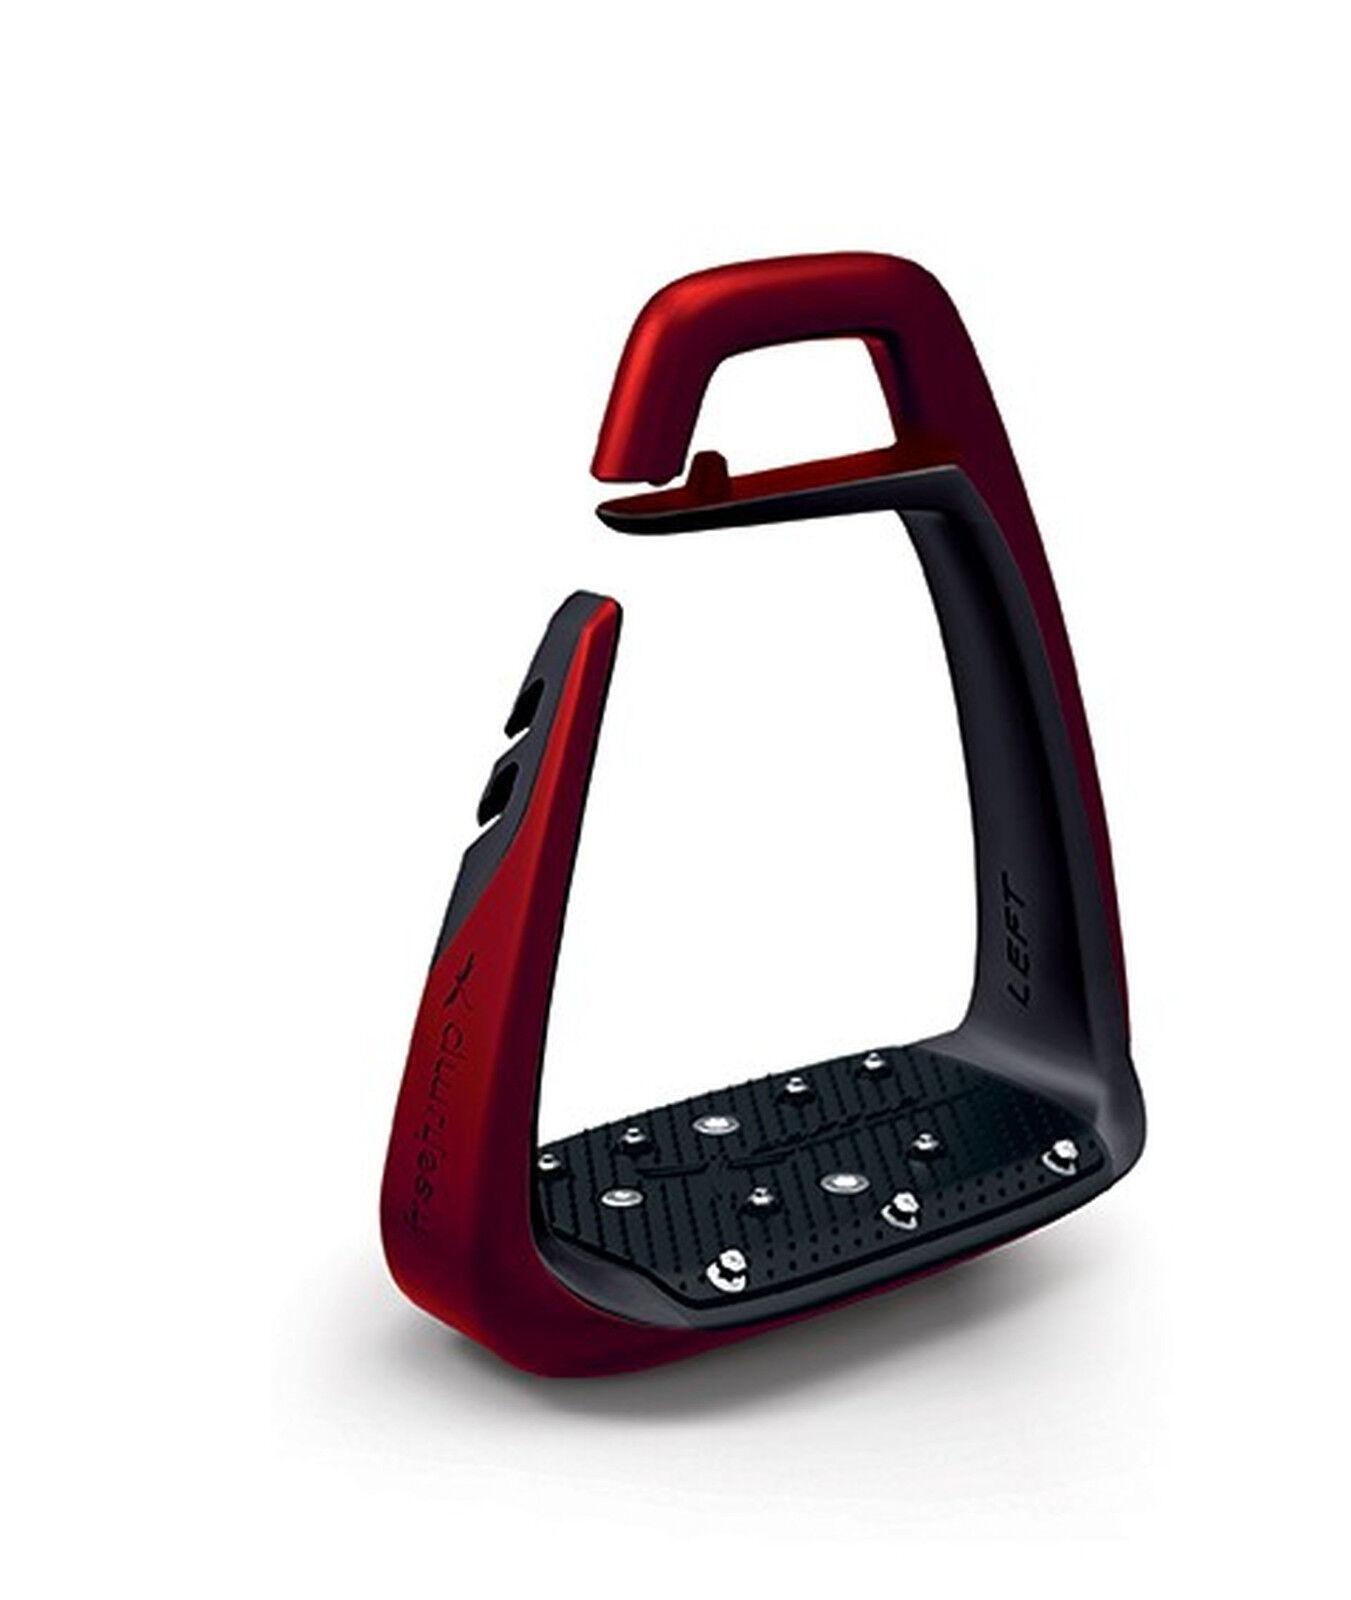 Freejump Sicherheits-Steigbügel SOFT UP CLASSIC eine neue Hochleistungswelt PR B